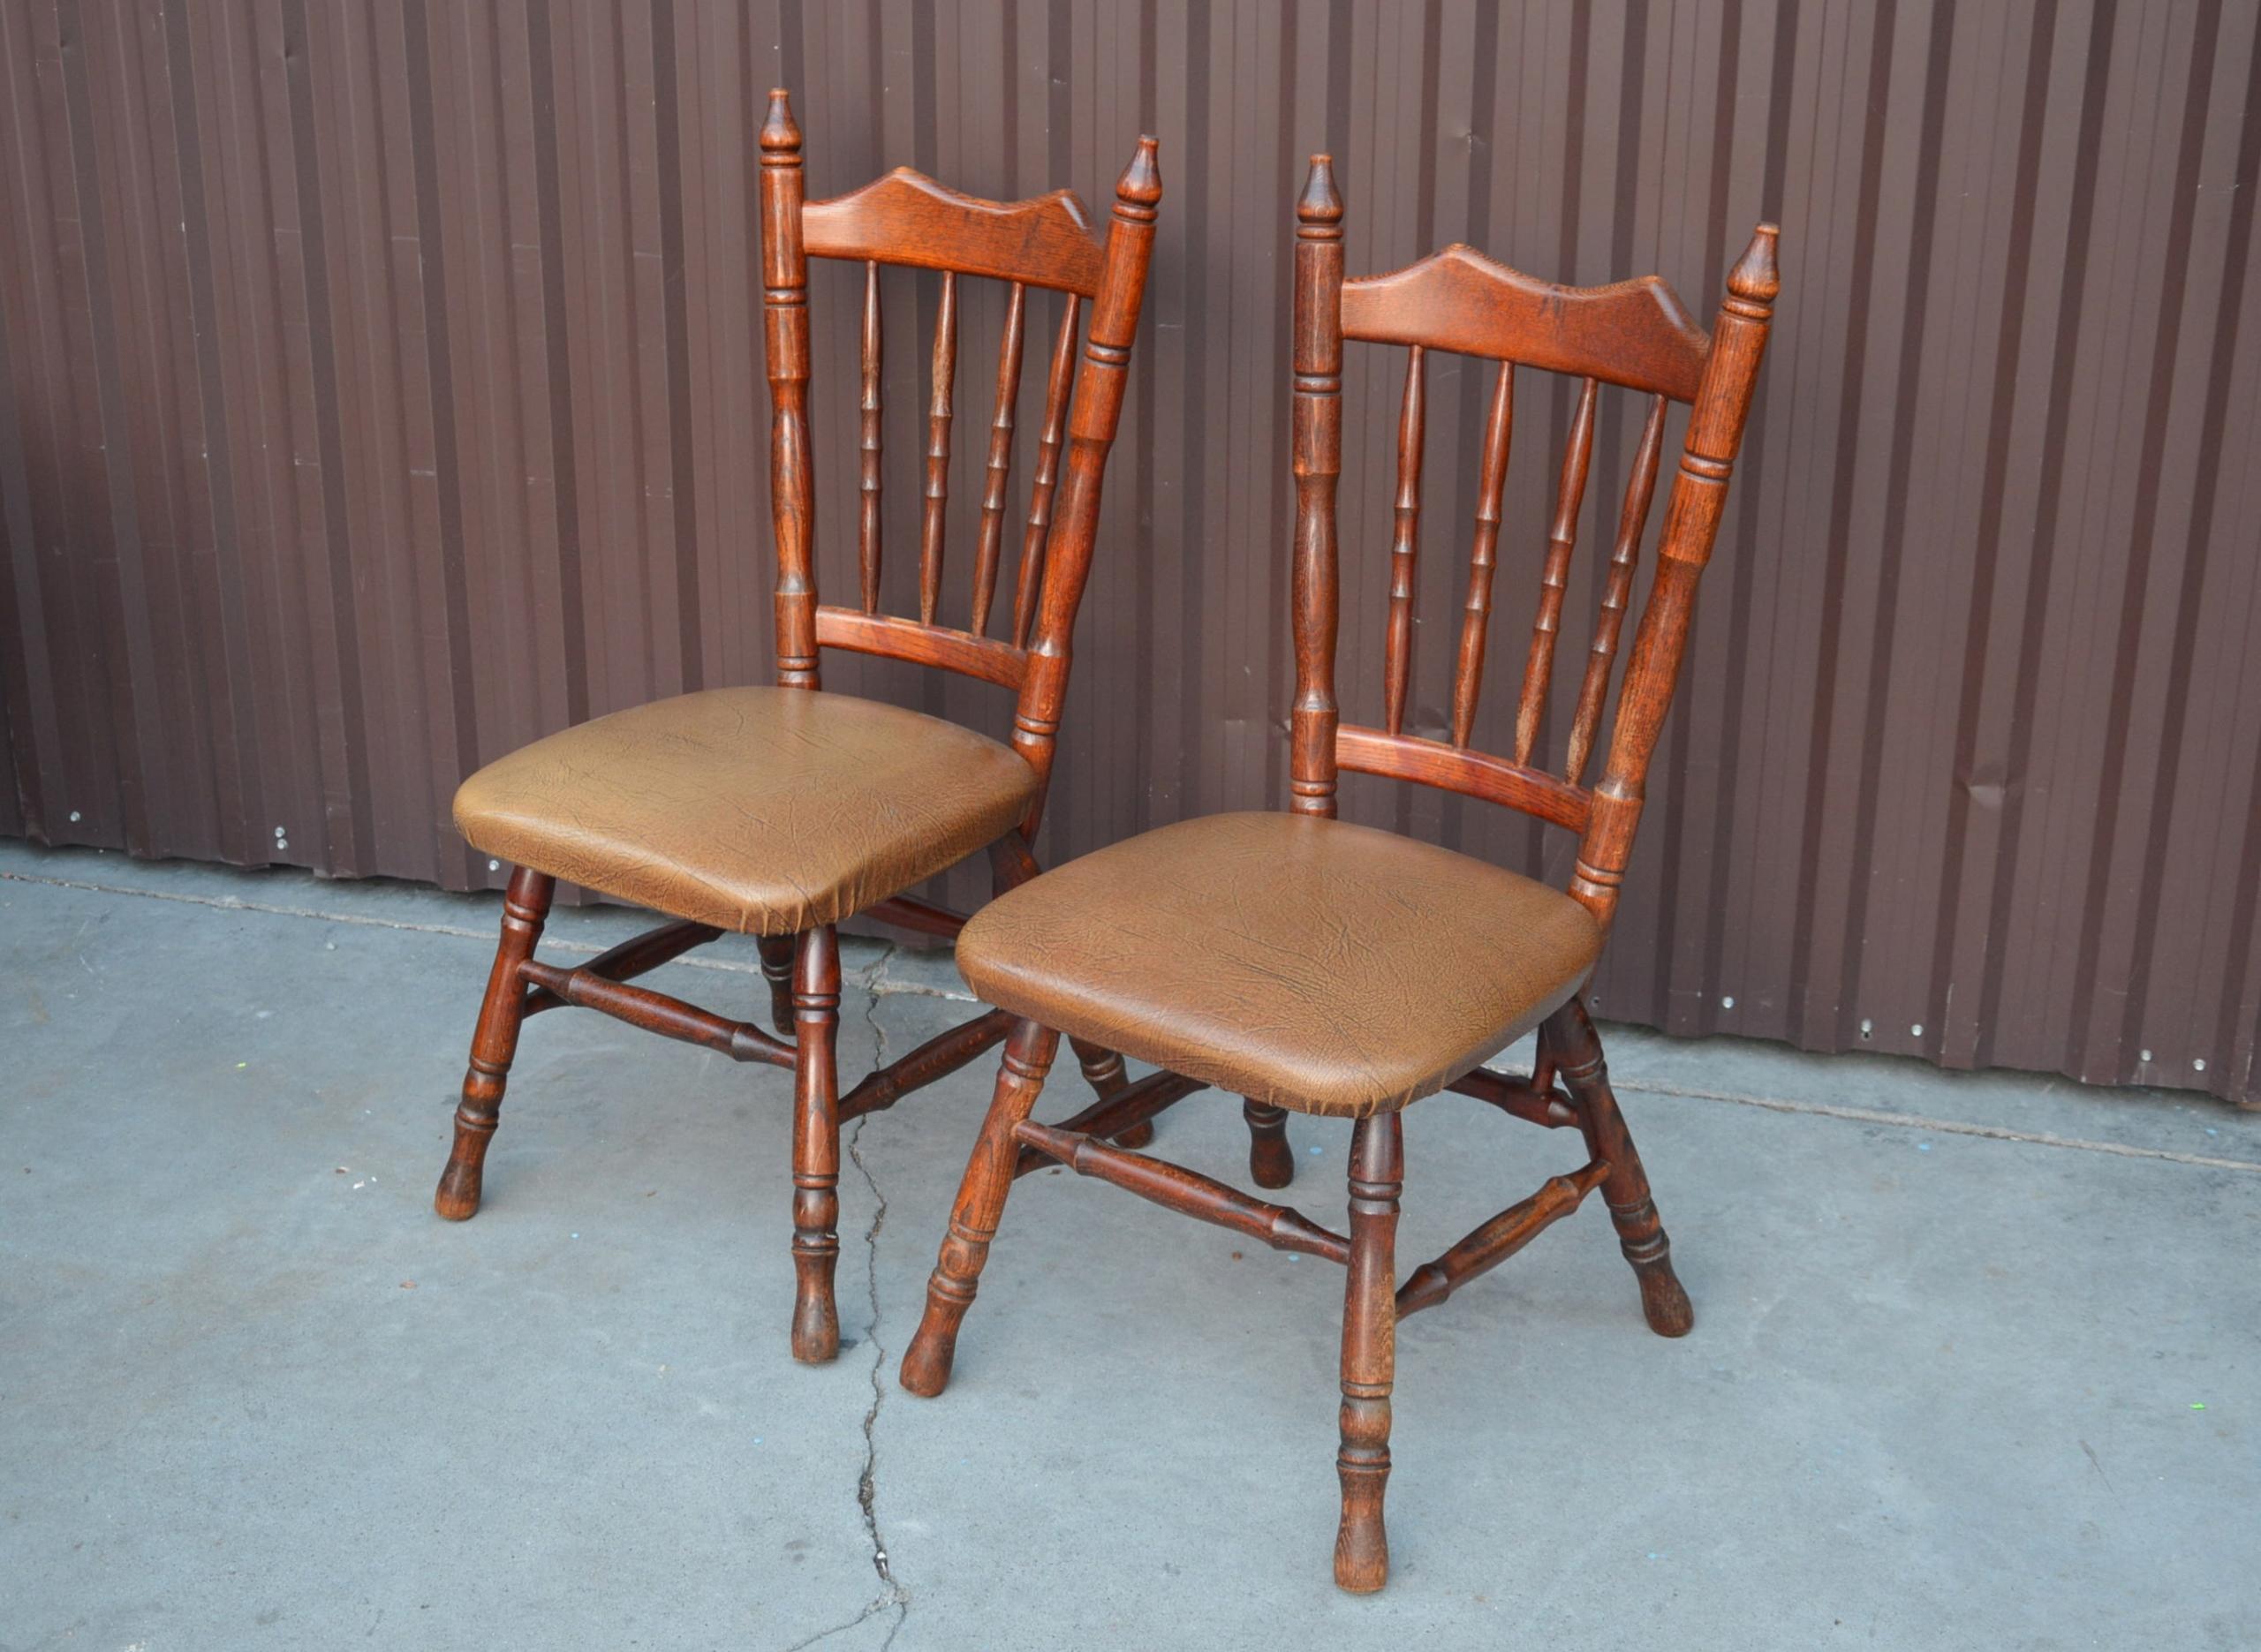 Krzesła Drewniane Stylowe Skórzane Obicie 2szt 7795581314